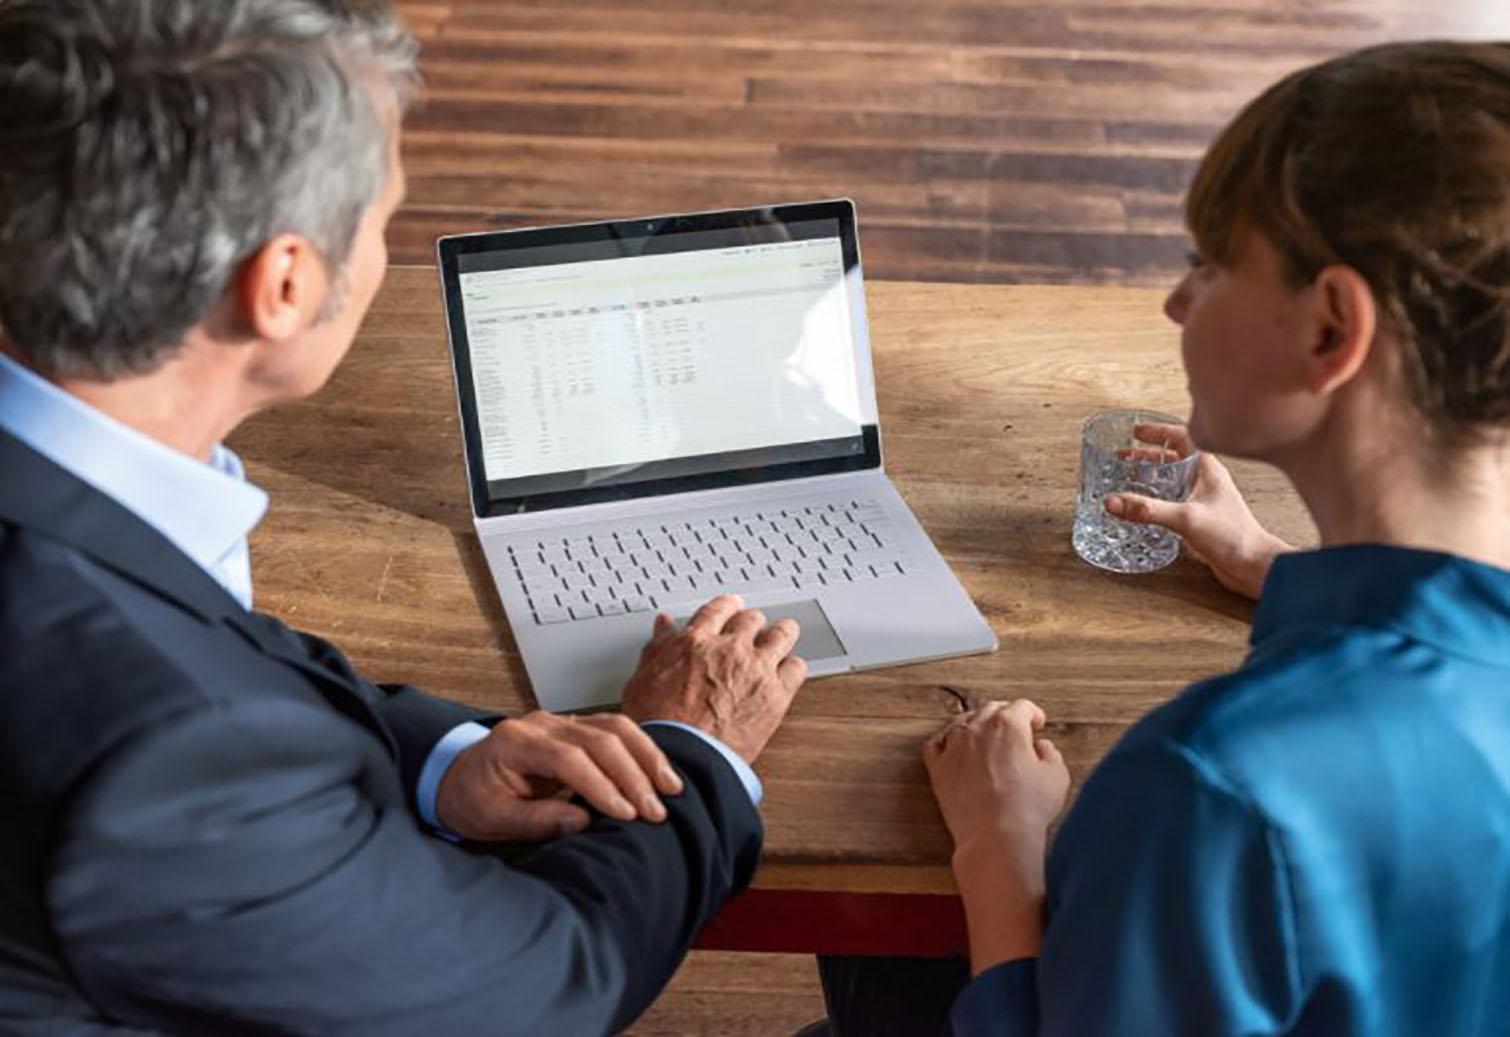 Mann und Frau vor Laptop